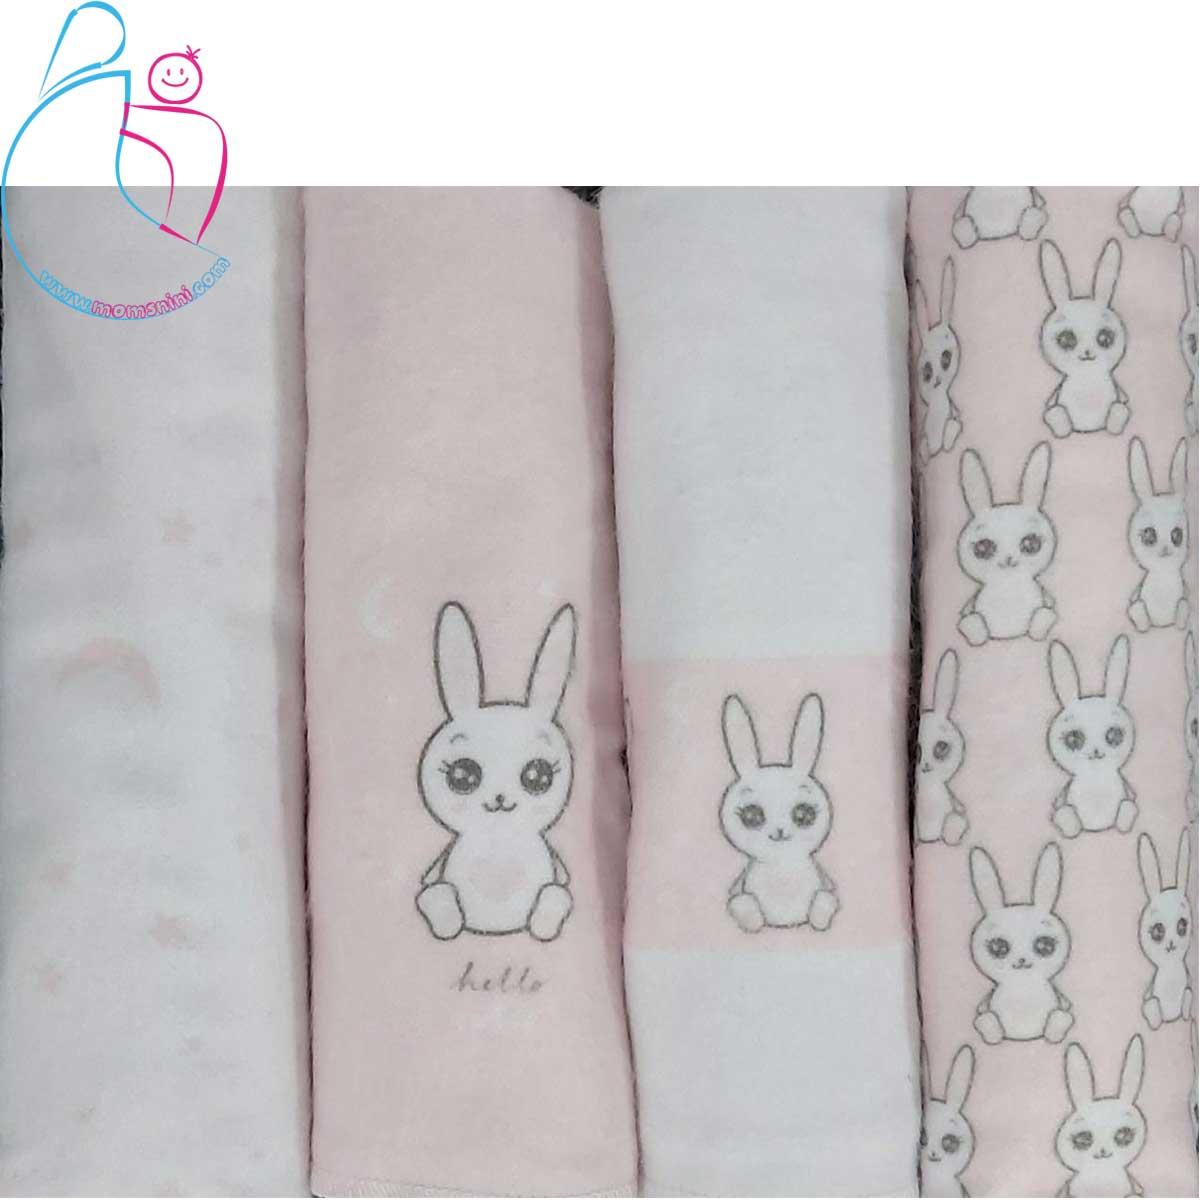 بسته ۴ تایی خشک کن و زیرانداز مامز کیوتی مدل خرگوش لوس